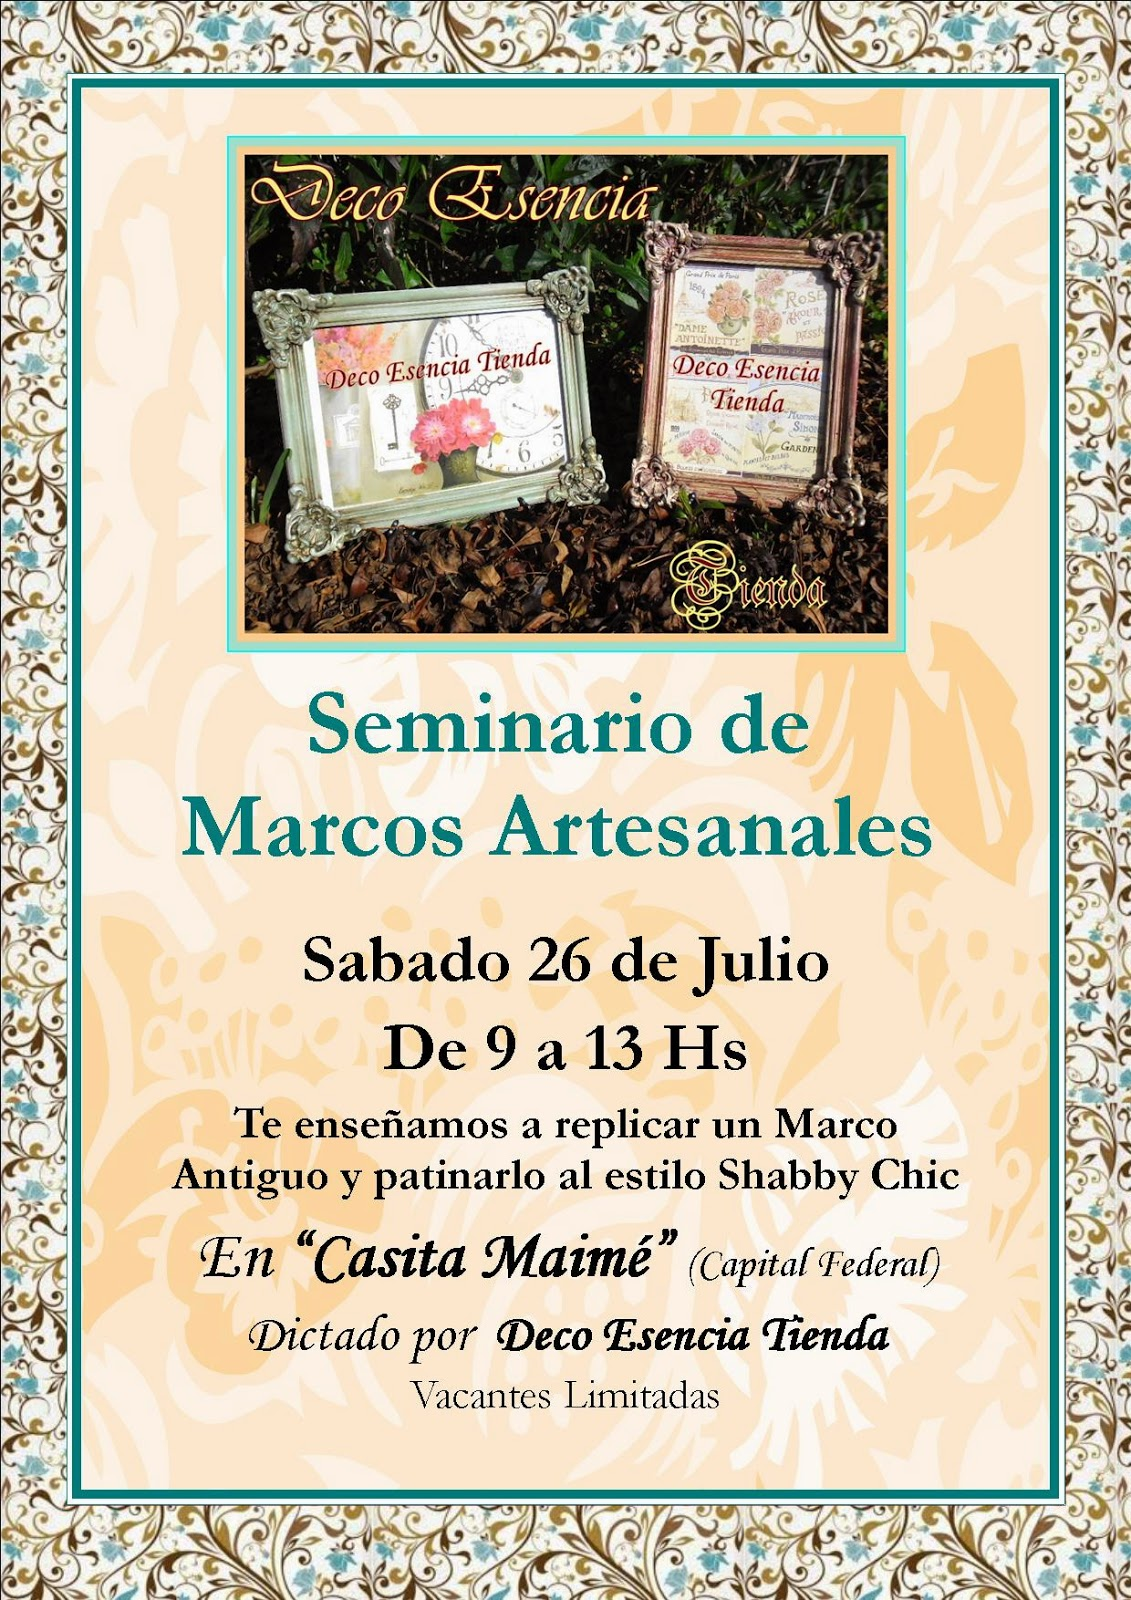 Deco Esencia: Seminario de Marcos Artesanales!!